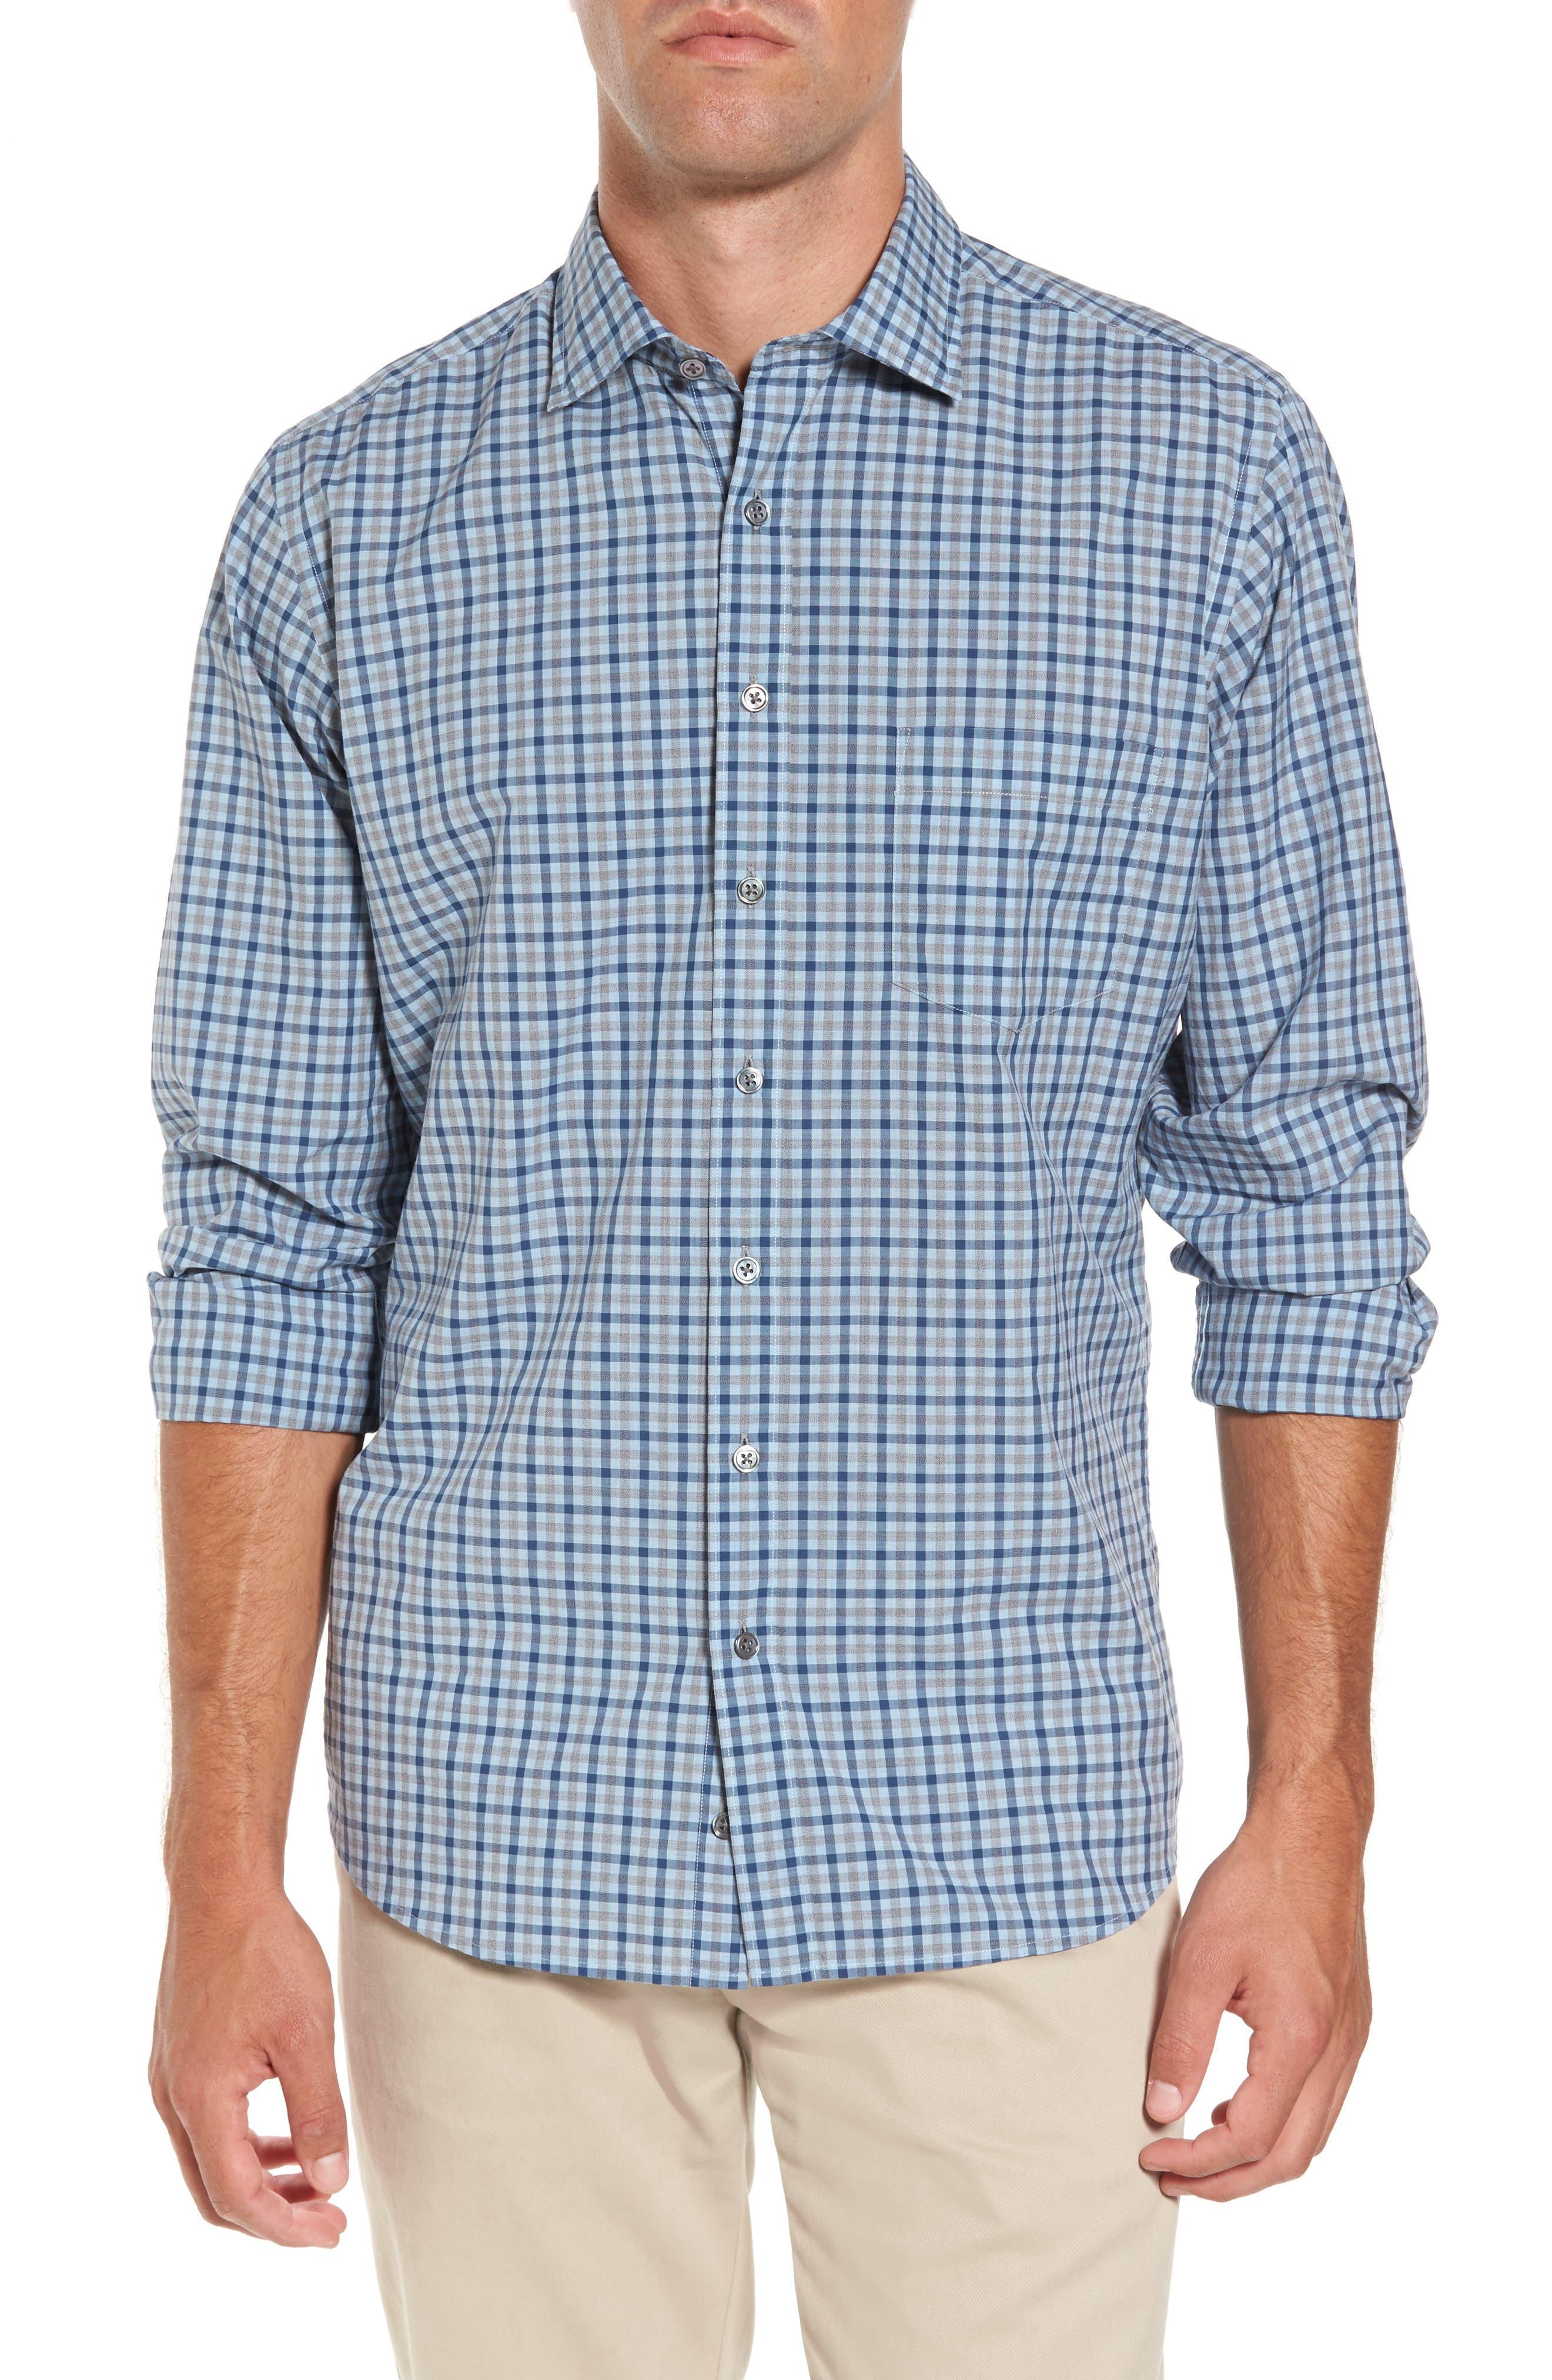 Rodd & Gunn Charming Creek Regular Fit Sport Shirt